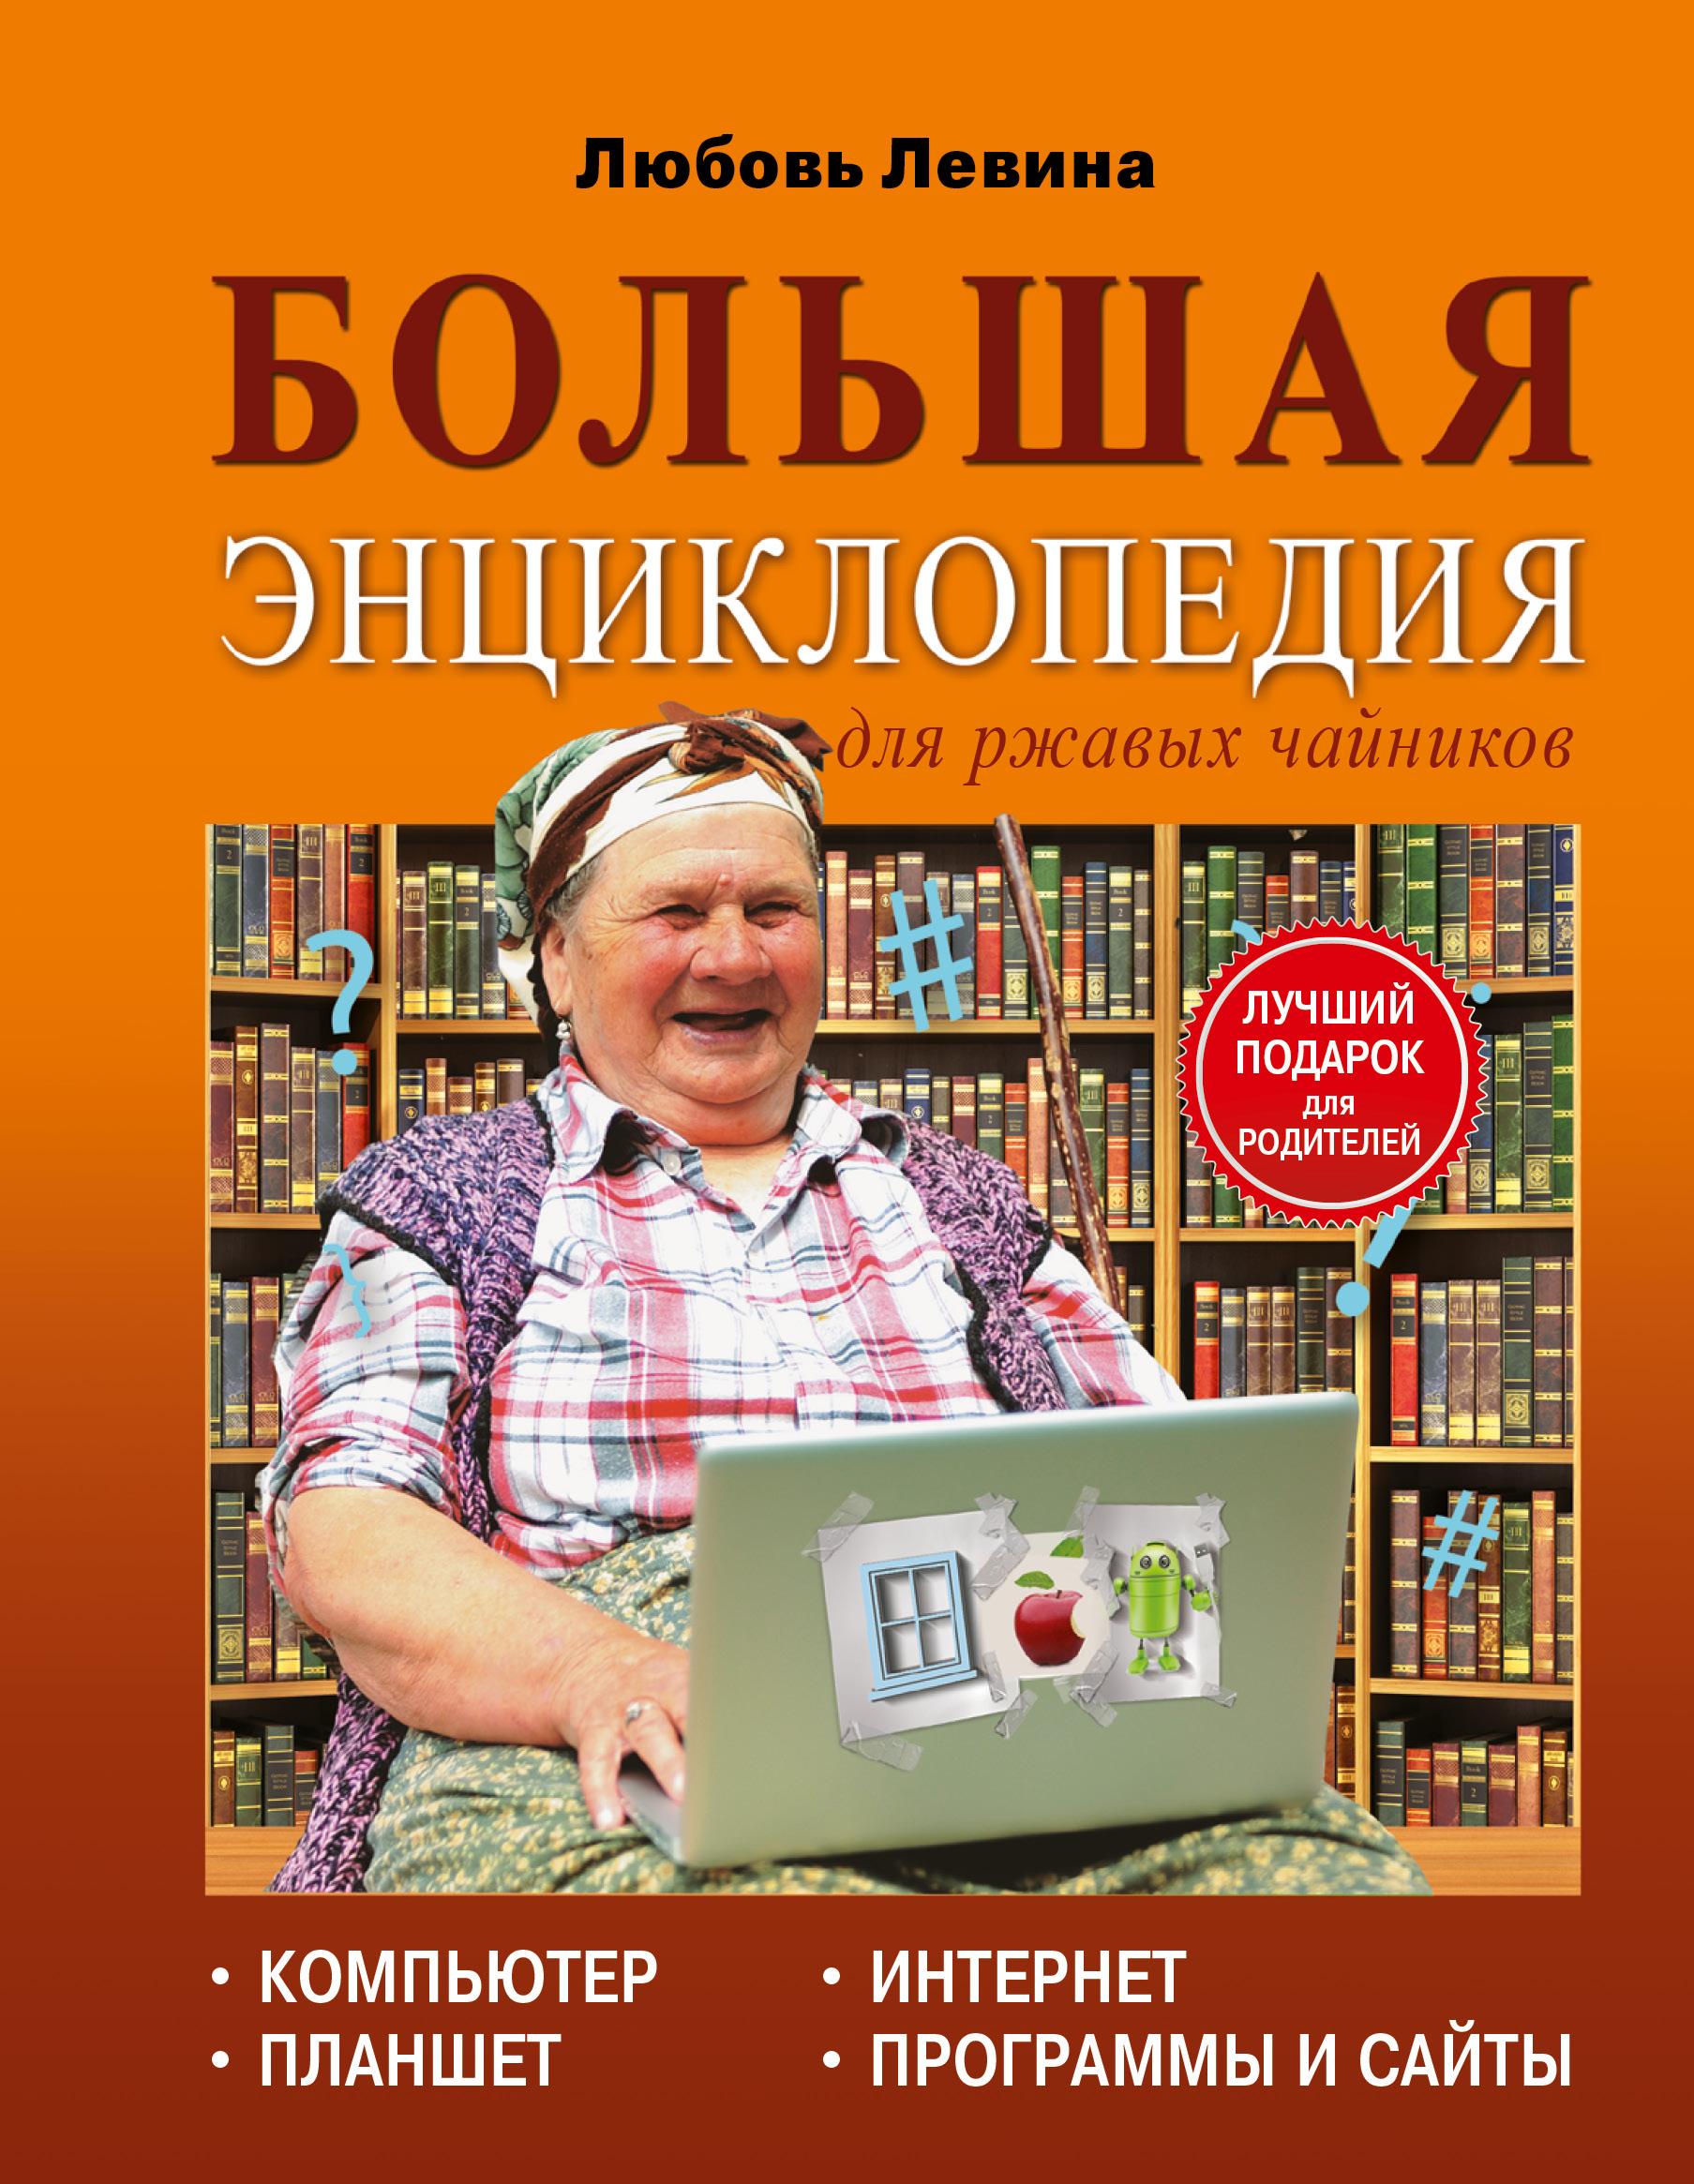 Большая энциклопедия. Компьютер, планшет, Интернет для ржавых чайников